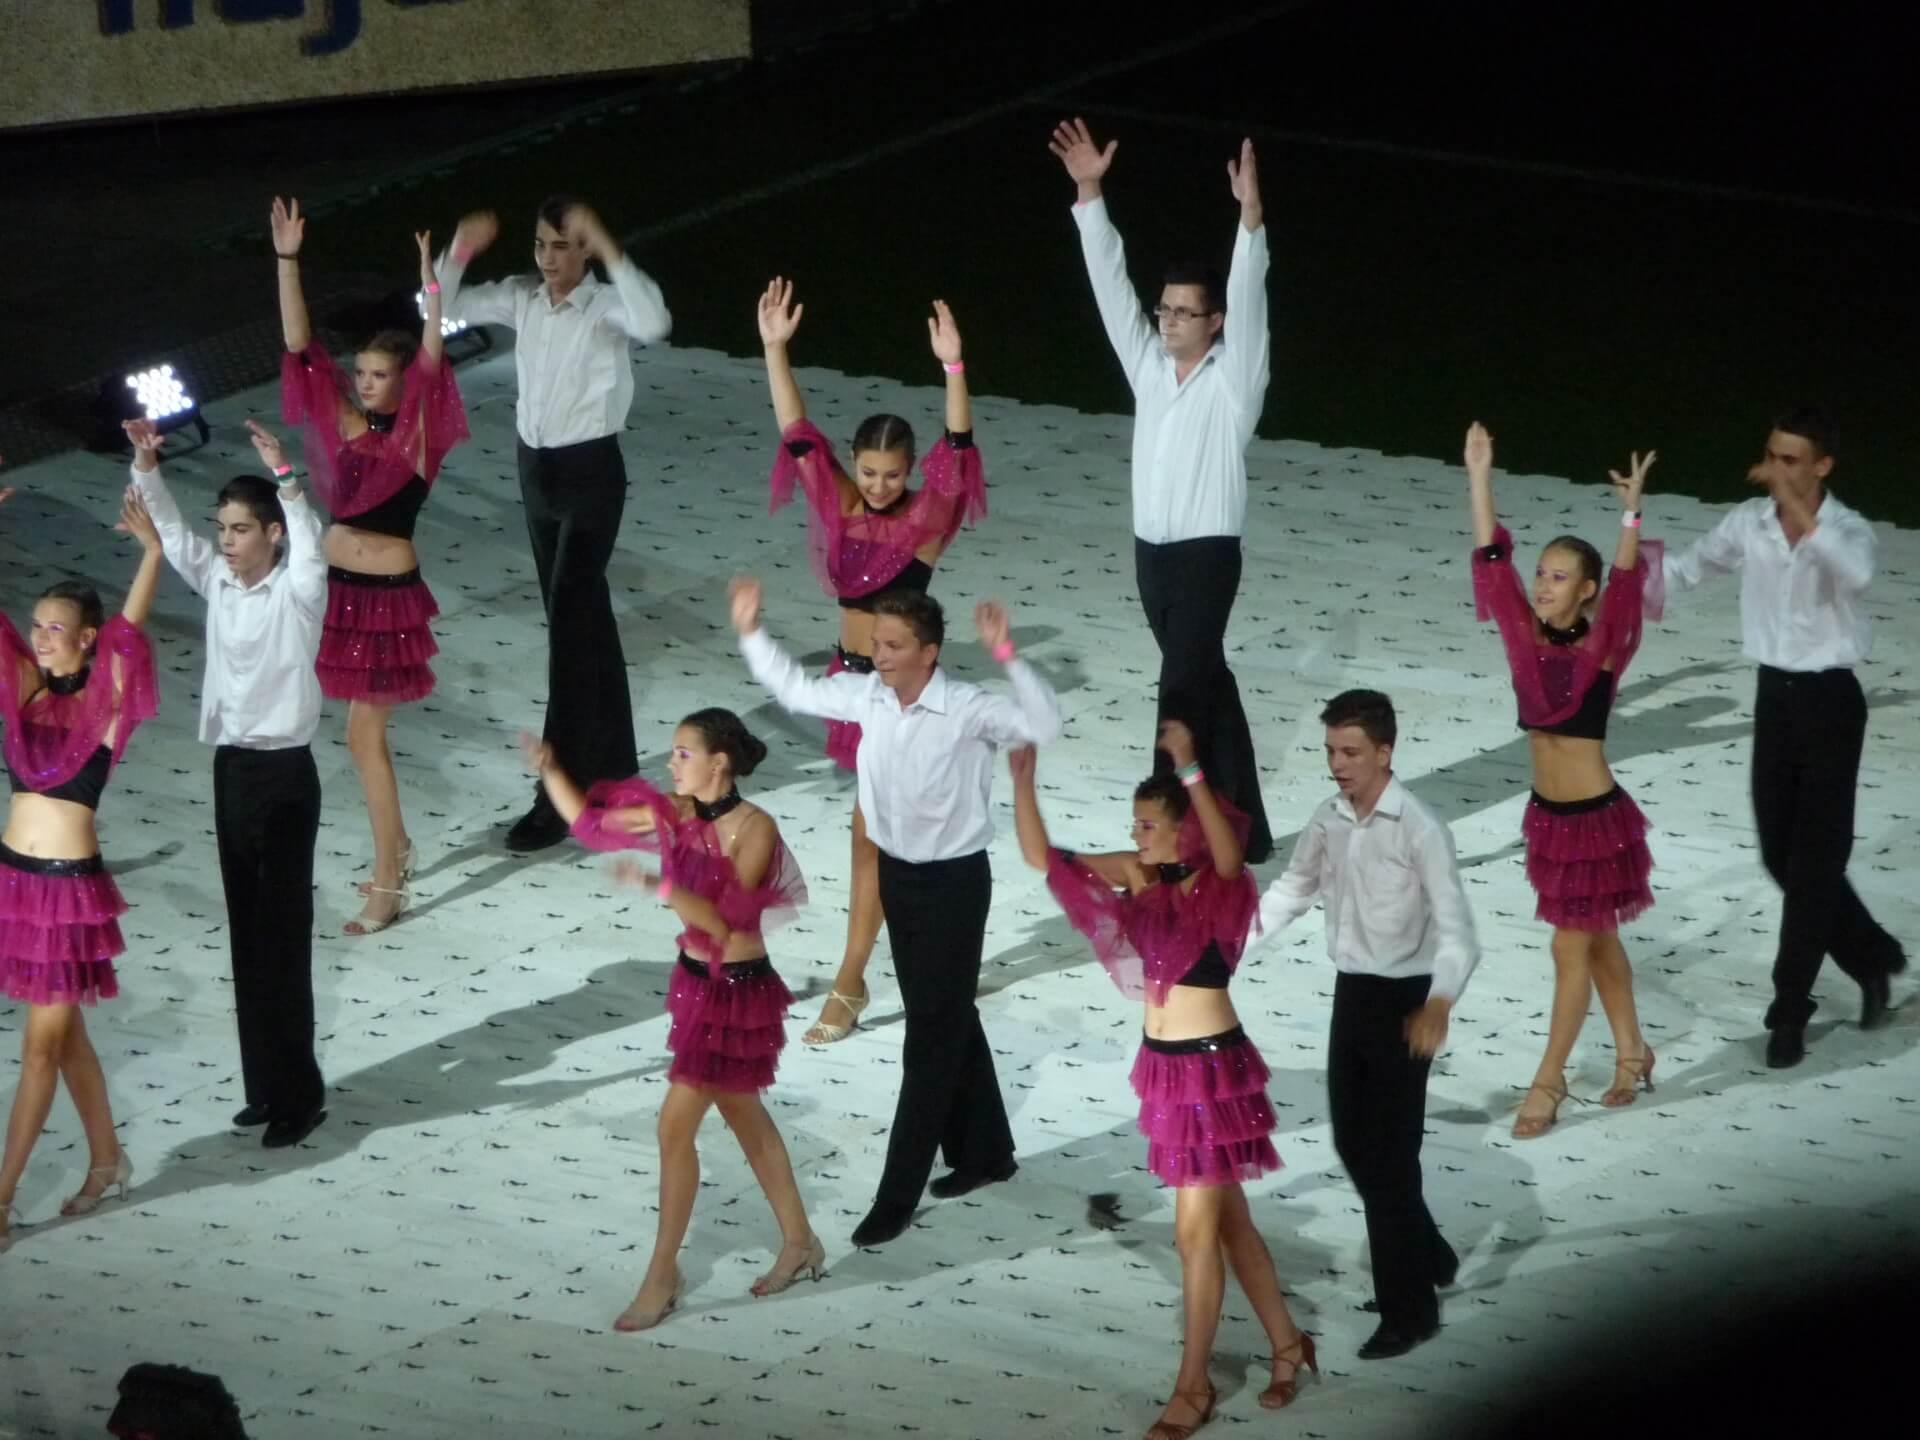 Blumenkarneval Debrecen, Tanzgruppe im Stadion